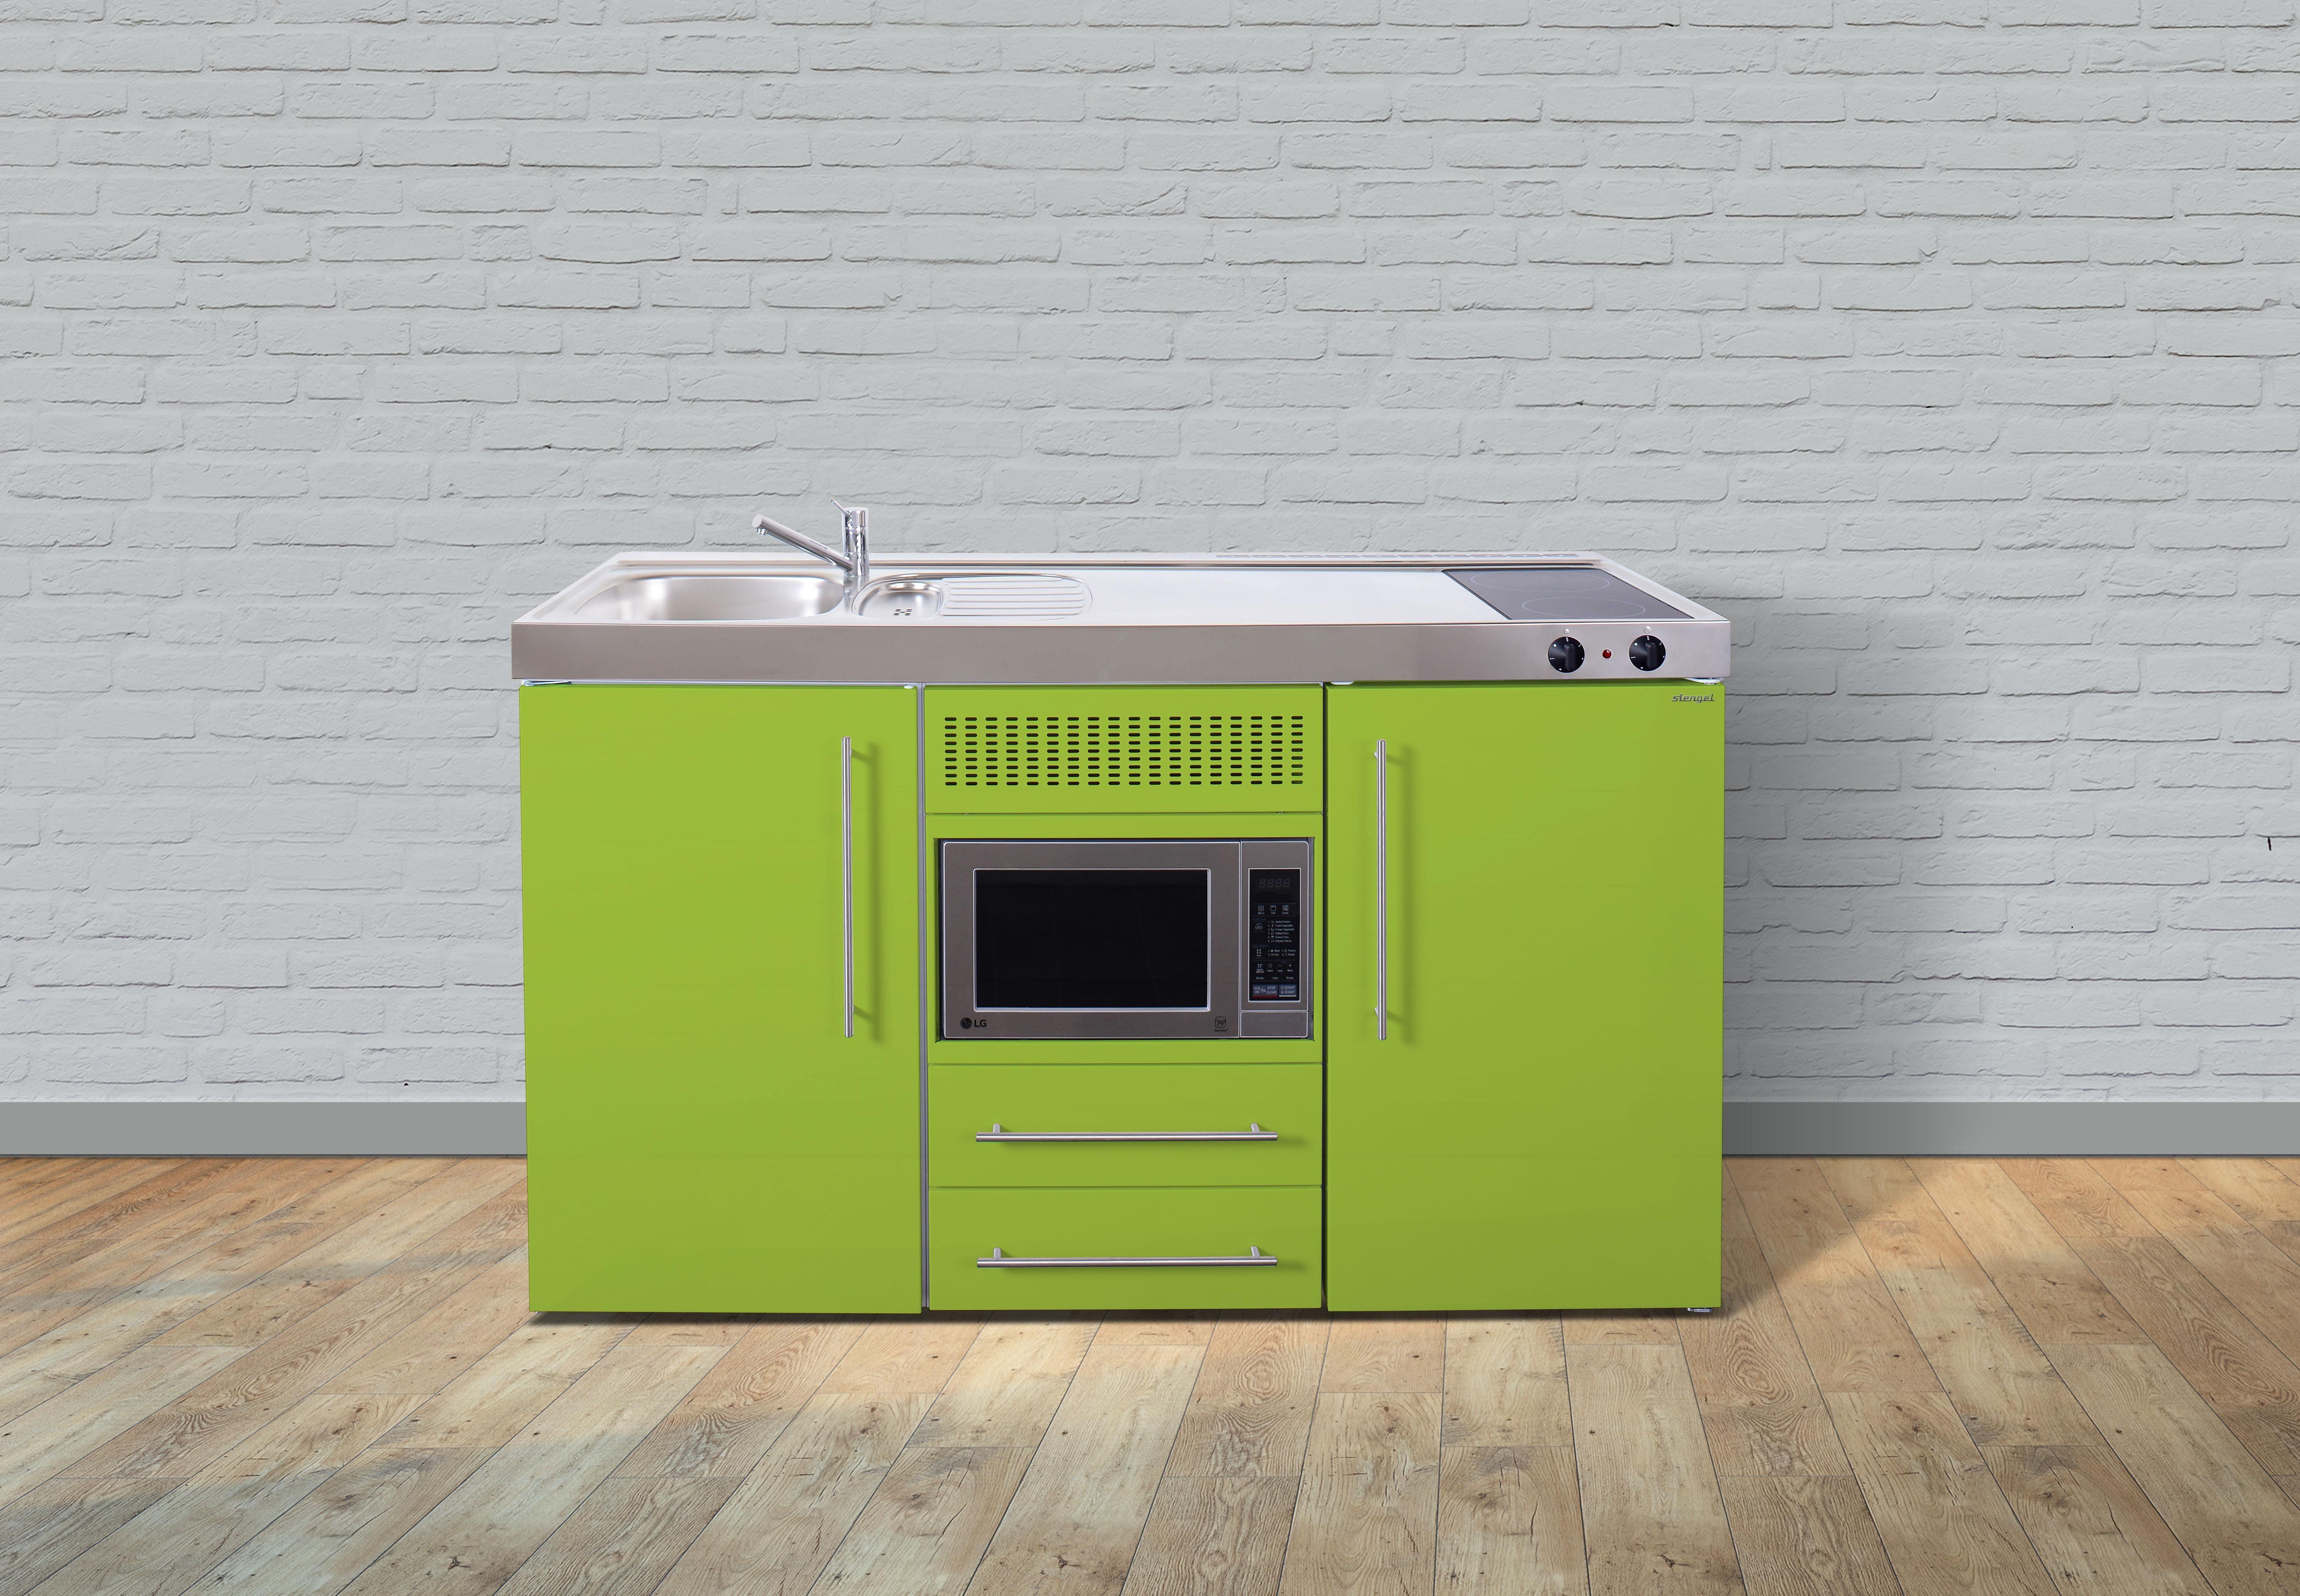 Miniküche Mit Kochfeld Und Kühlschrank : Stengel metall miniküche mpm kühlschrank mikrowelle er